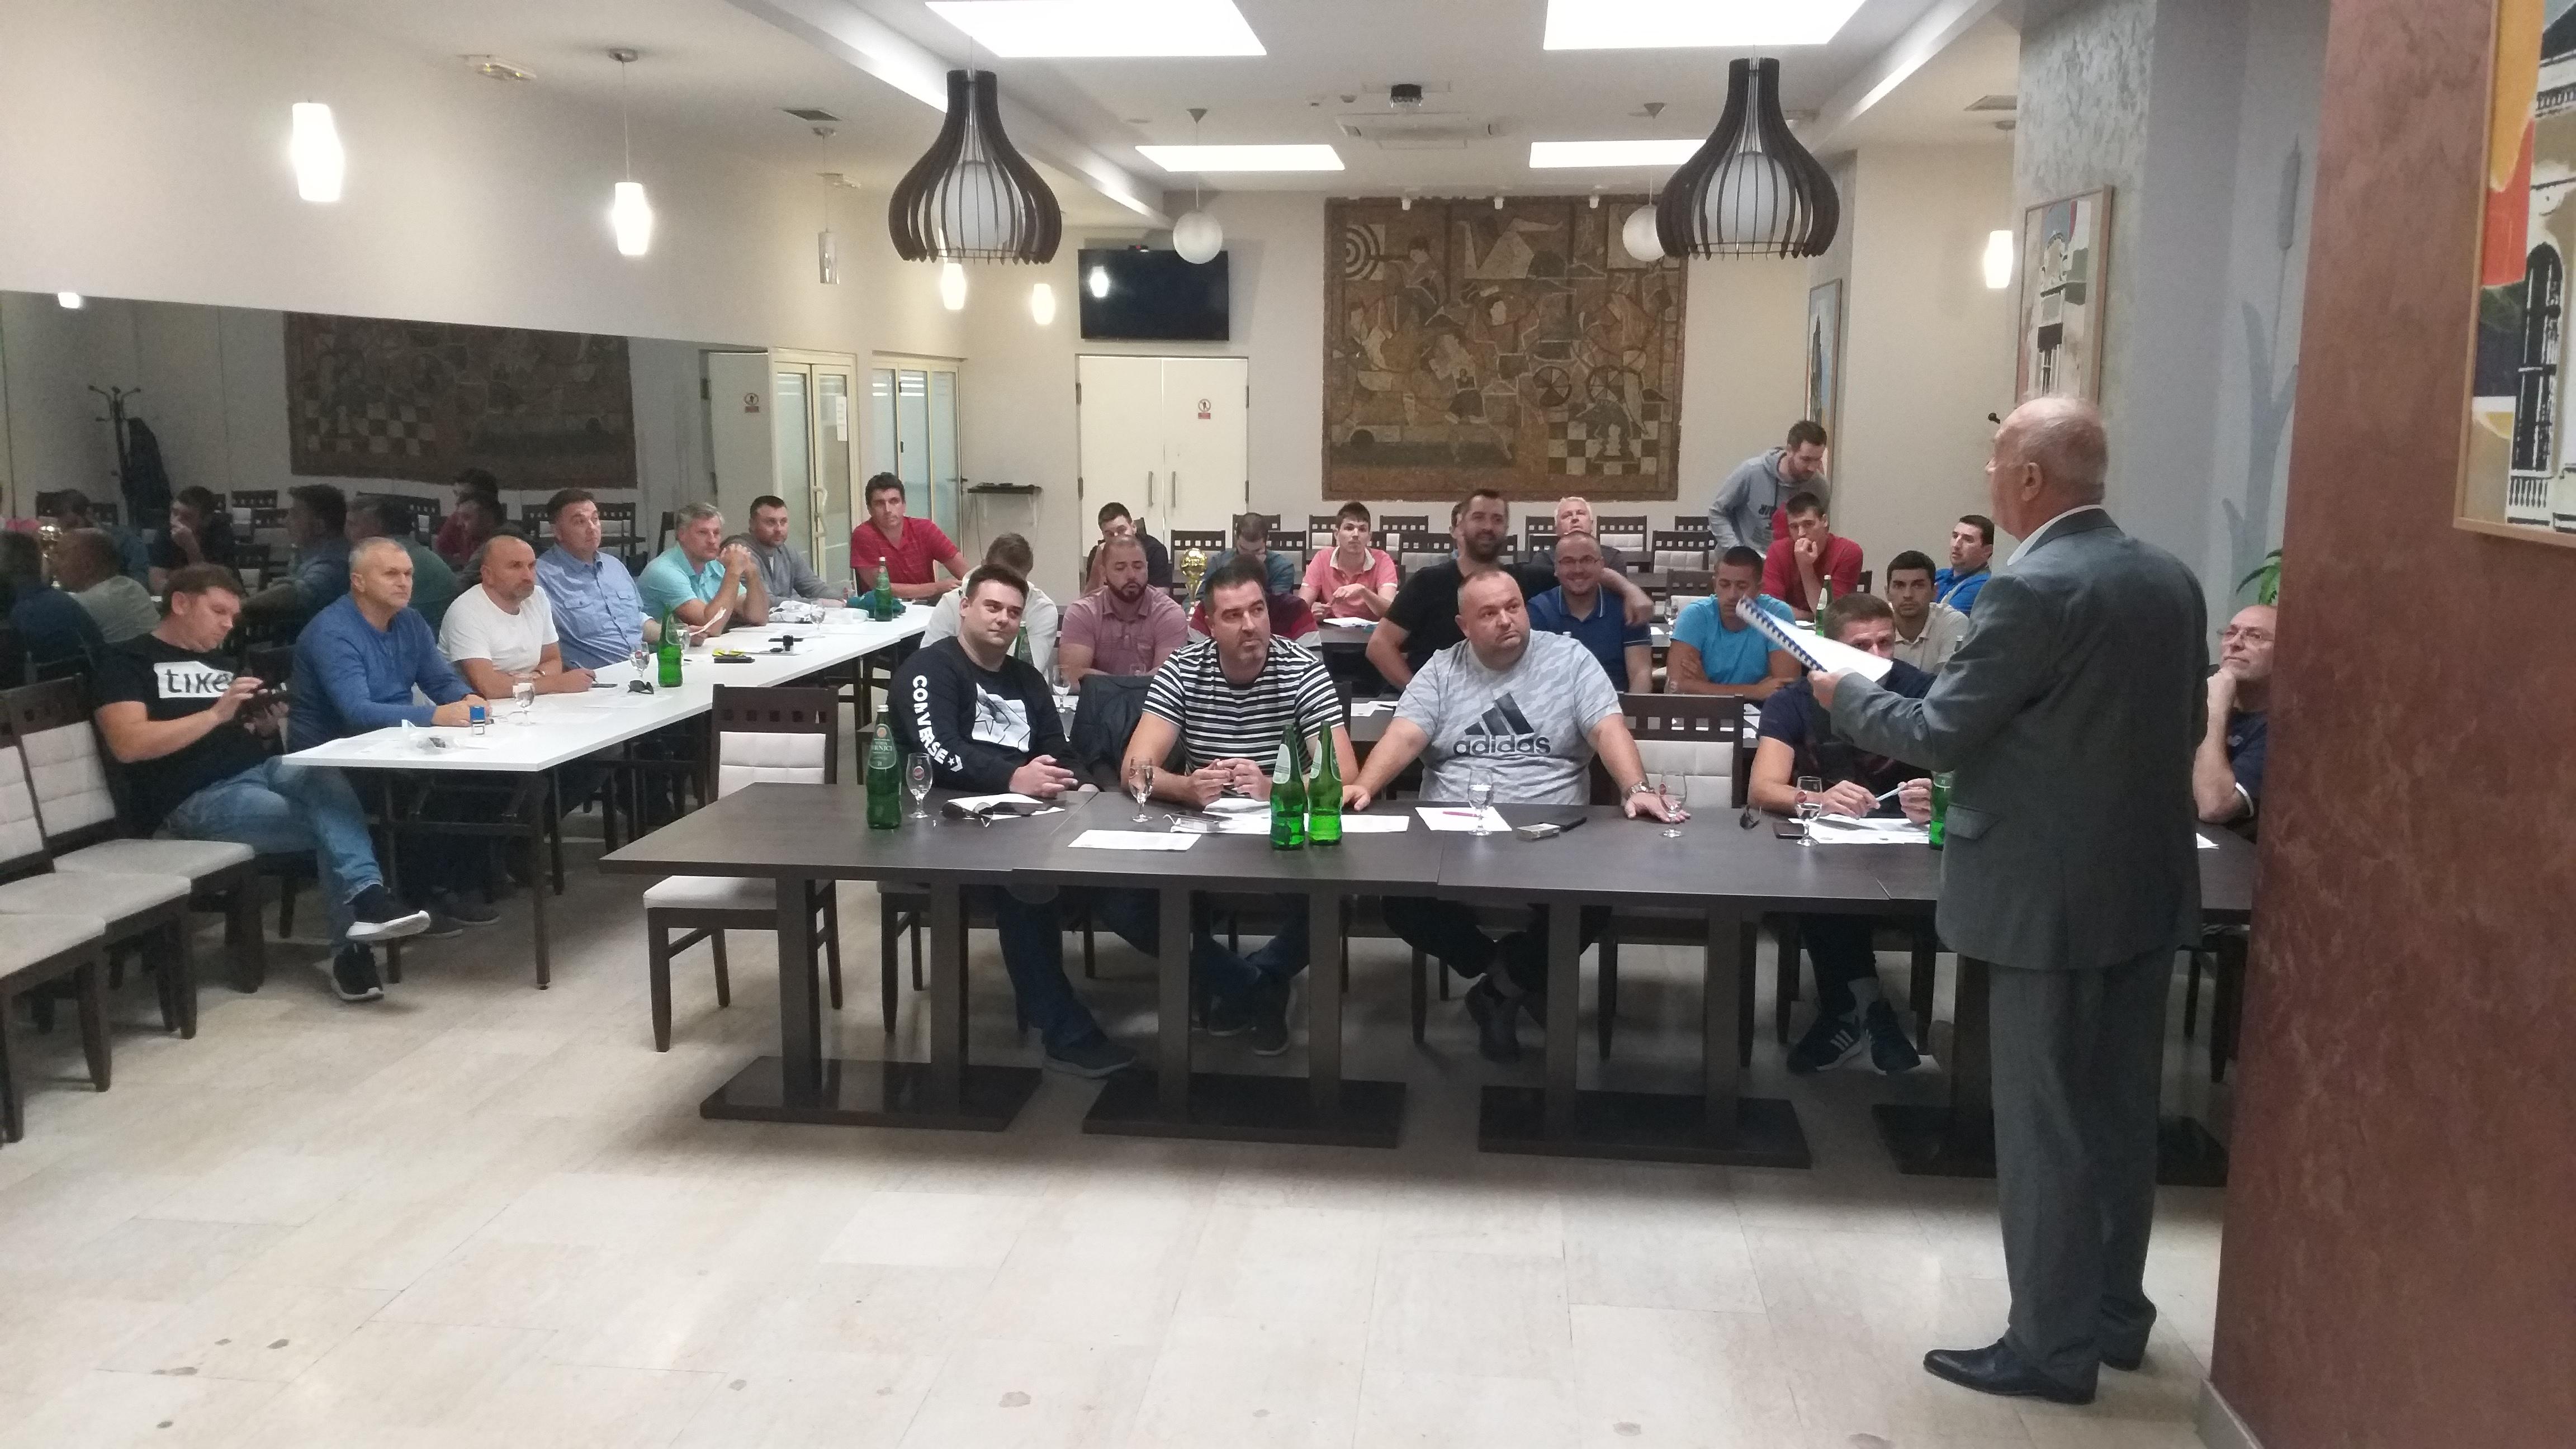 Sastanak klubova 1 MRL Zapad - Kragujevac, 22 septembar 2019 godine